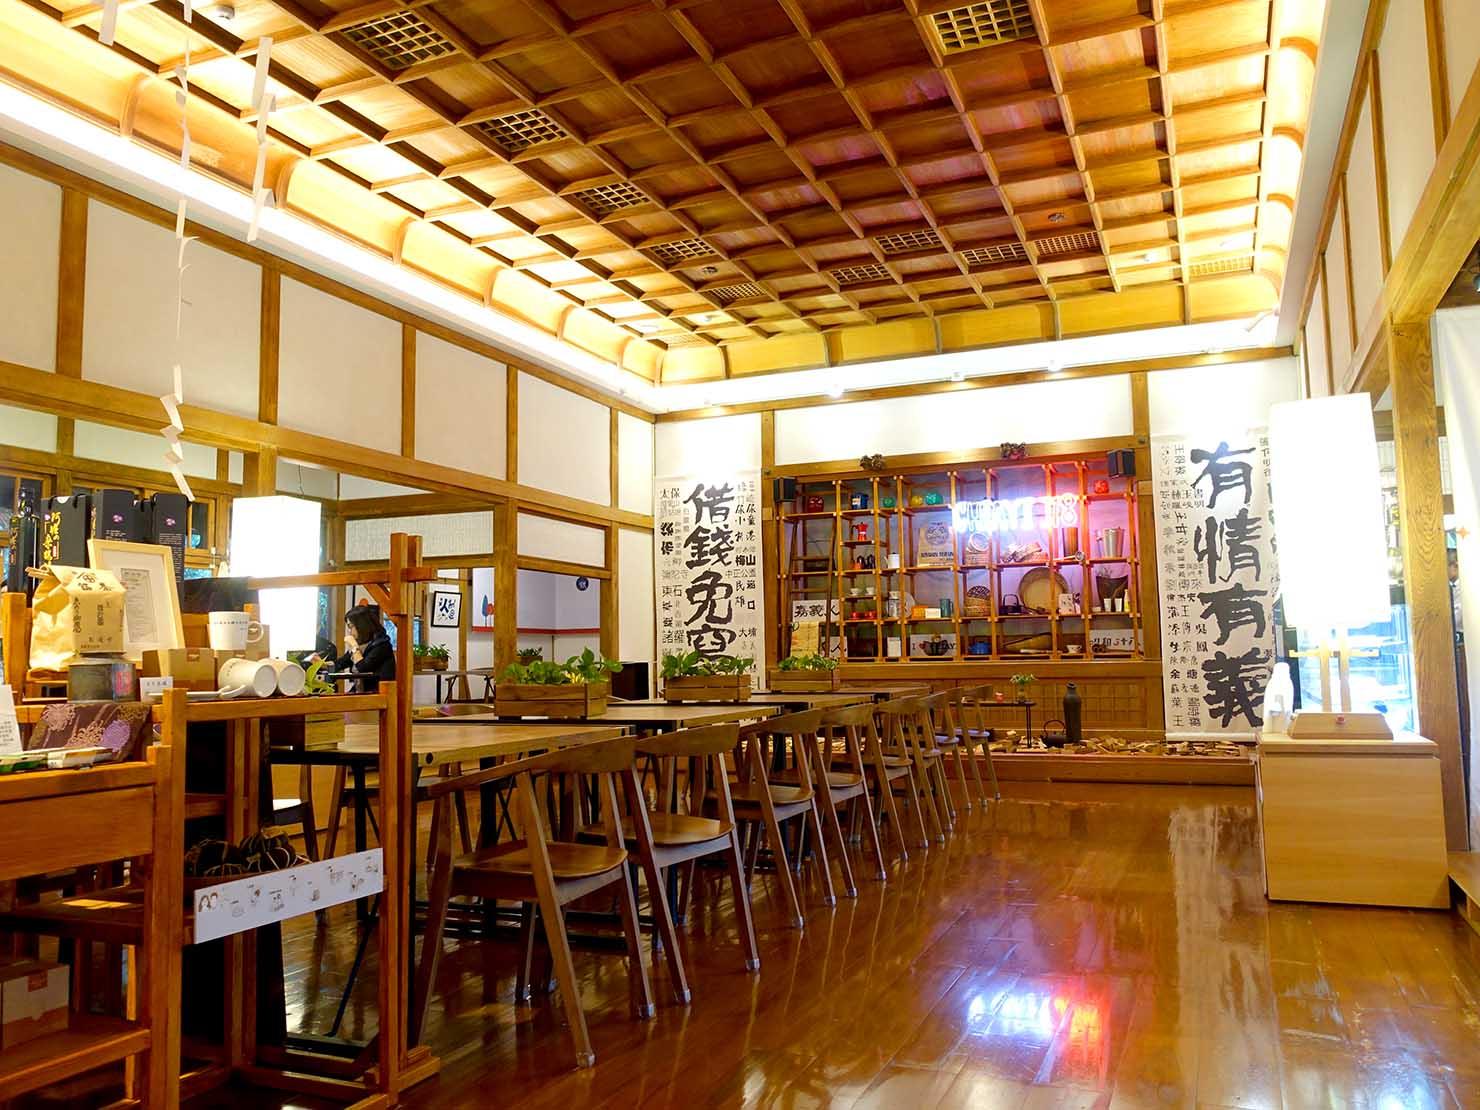 嘉義のおすすめ観光スポット「嘉義市史蹟資料館」のカフェスペース大広間